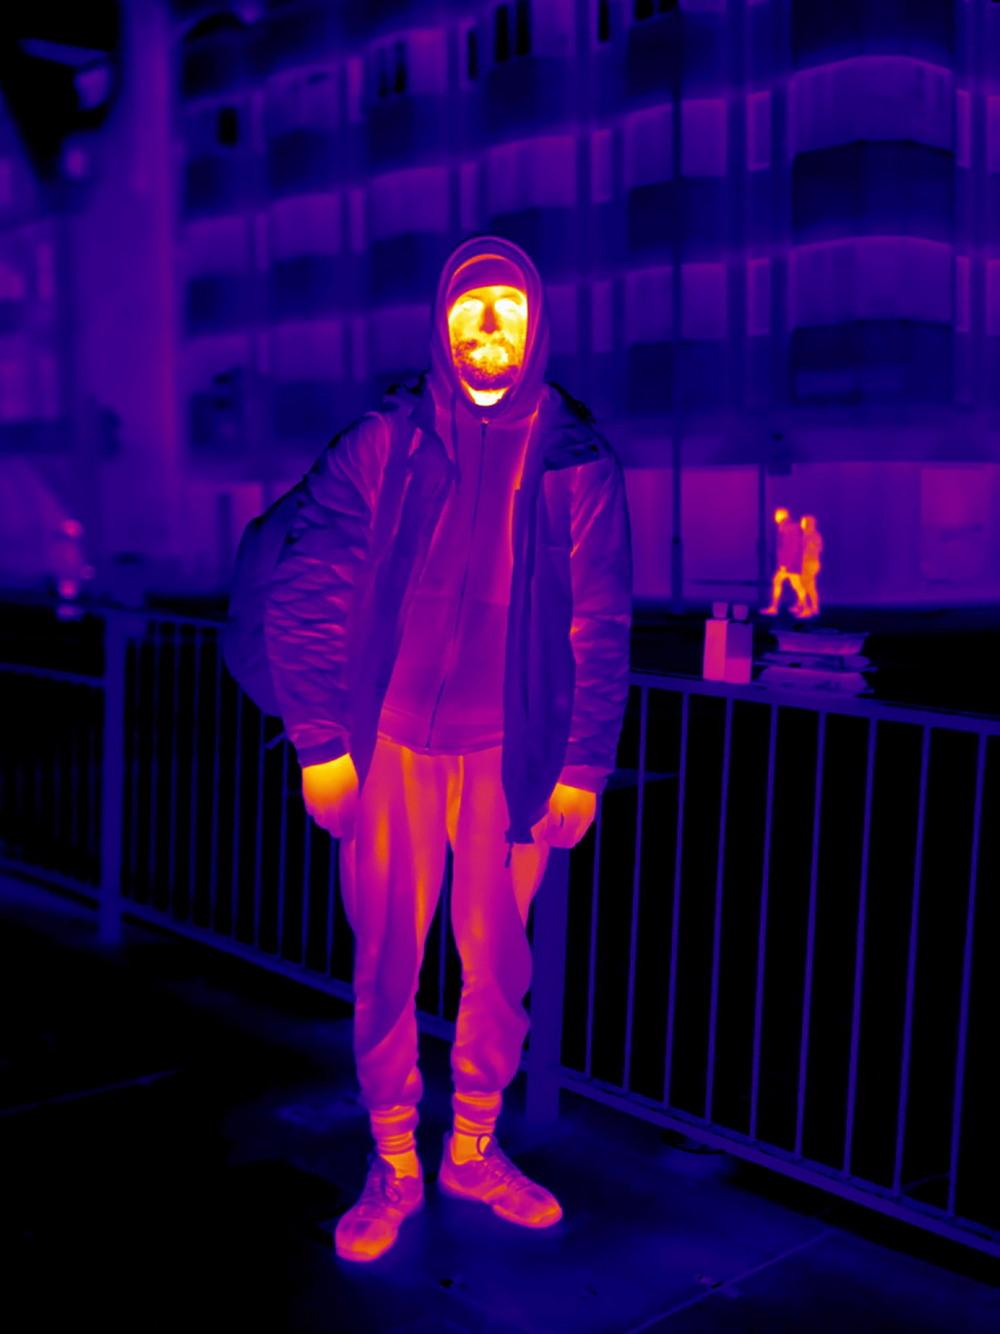 Бездомные на зимних лондонских улицах через тепловизор